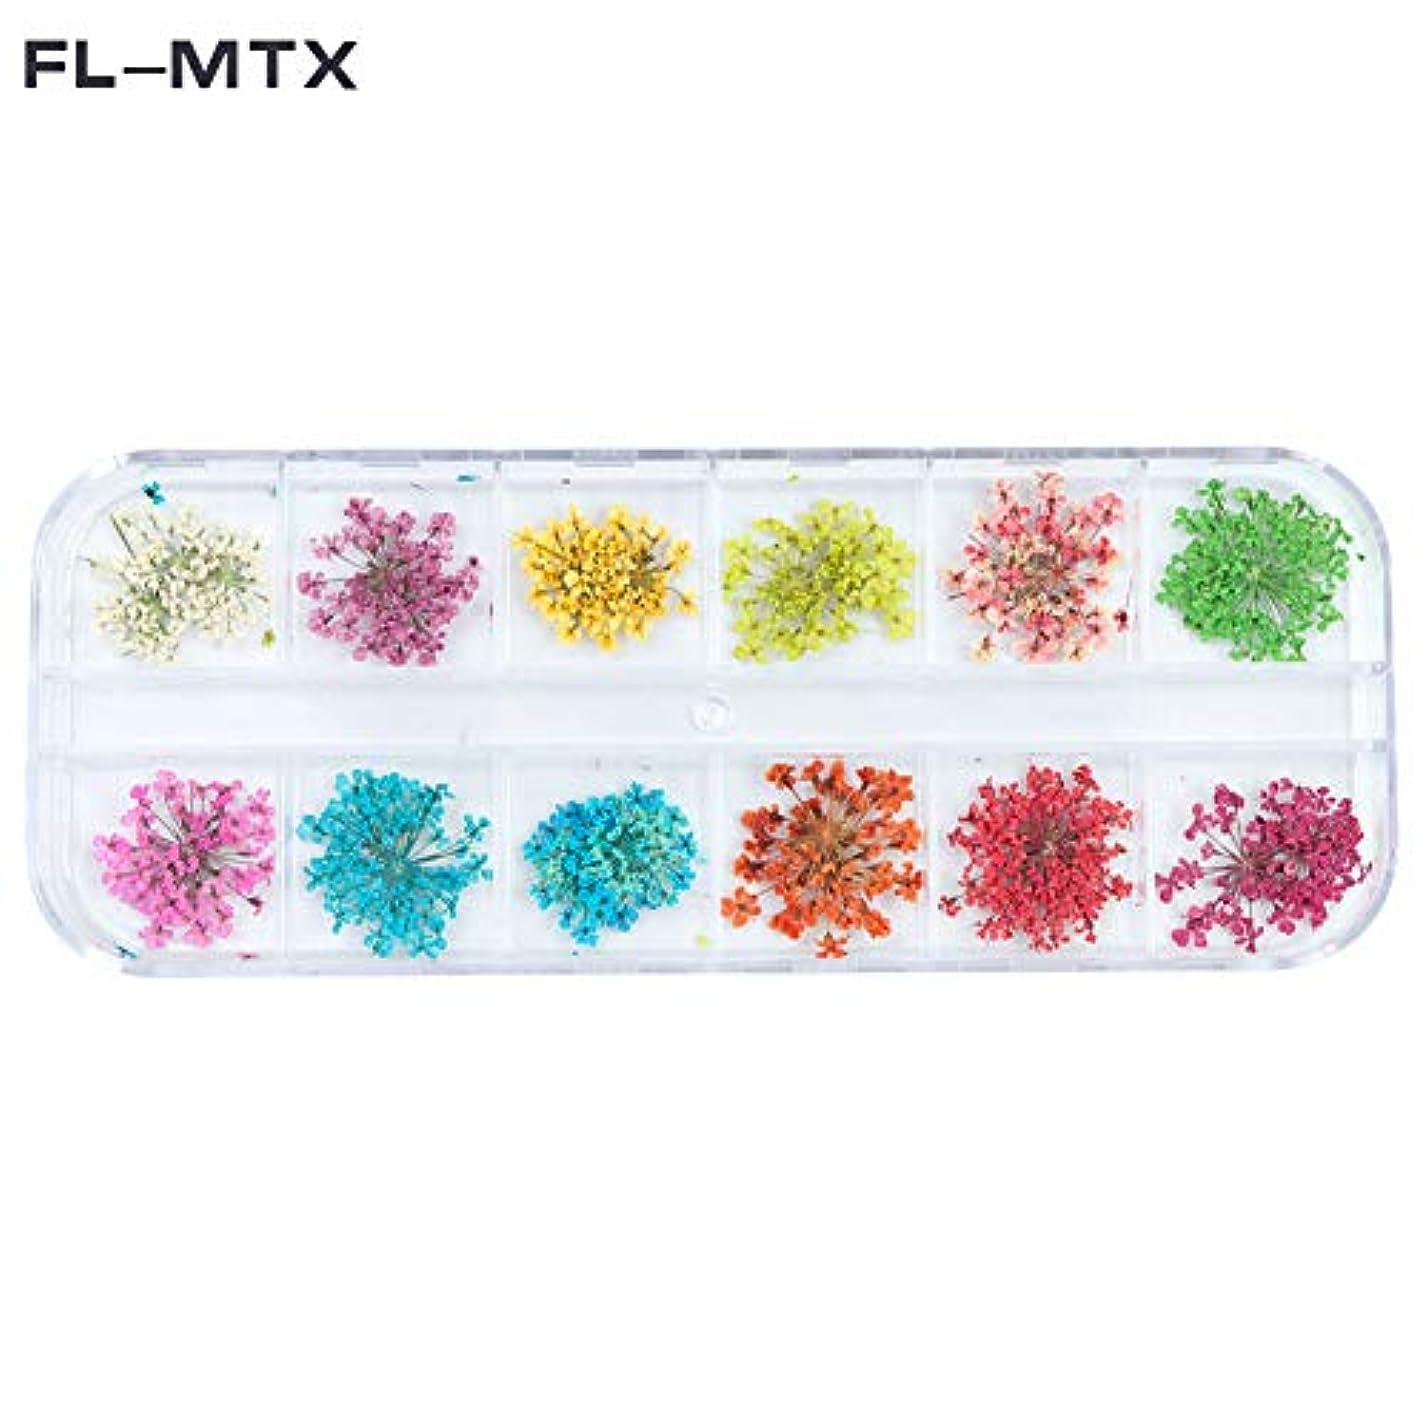 経歴経済的密輸1パックのネイルジュエリードライフラワーdiyクラフト(fl-mtx)の3dフラワーネイル装飾用ドライネイル用品の12色違い